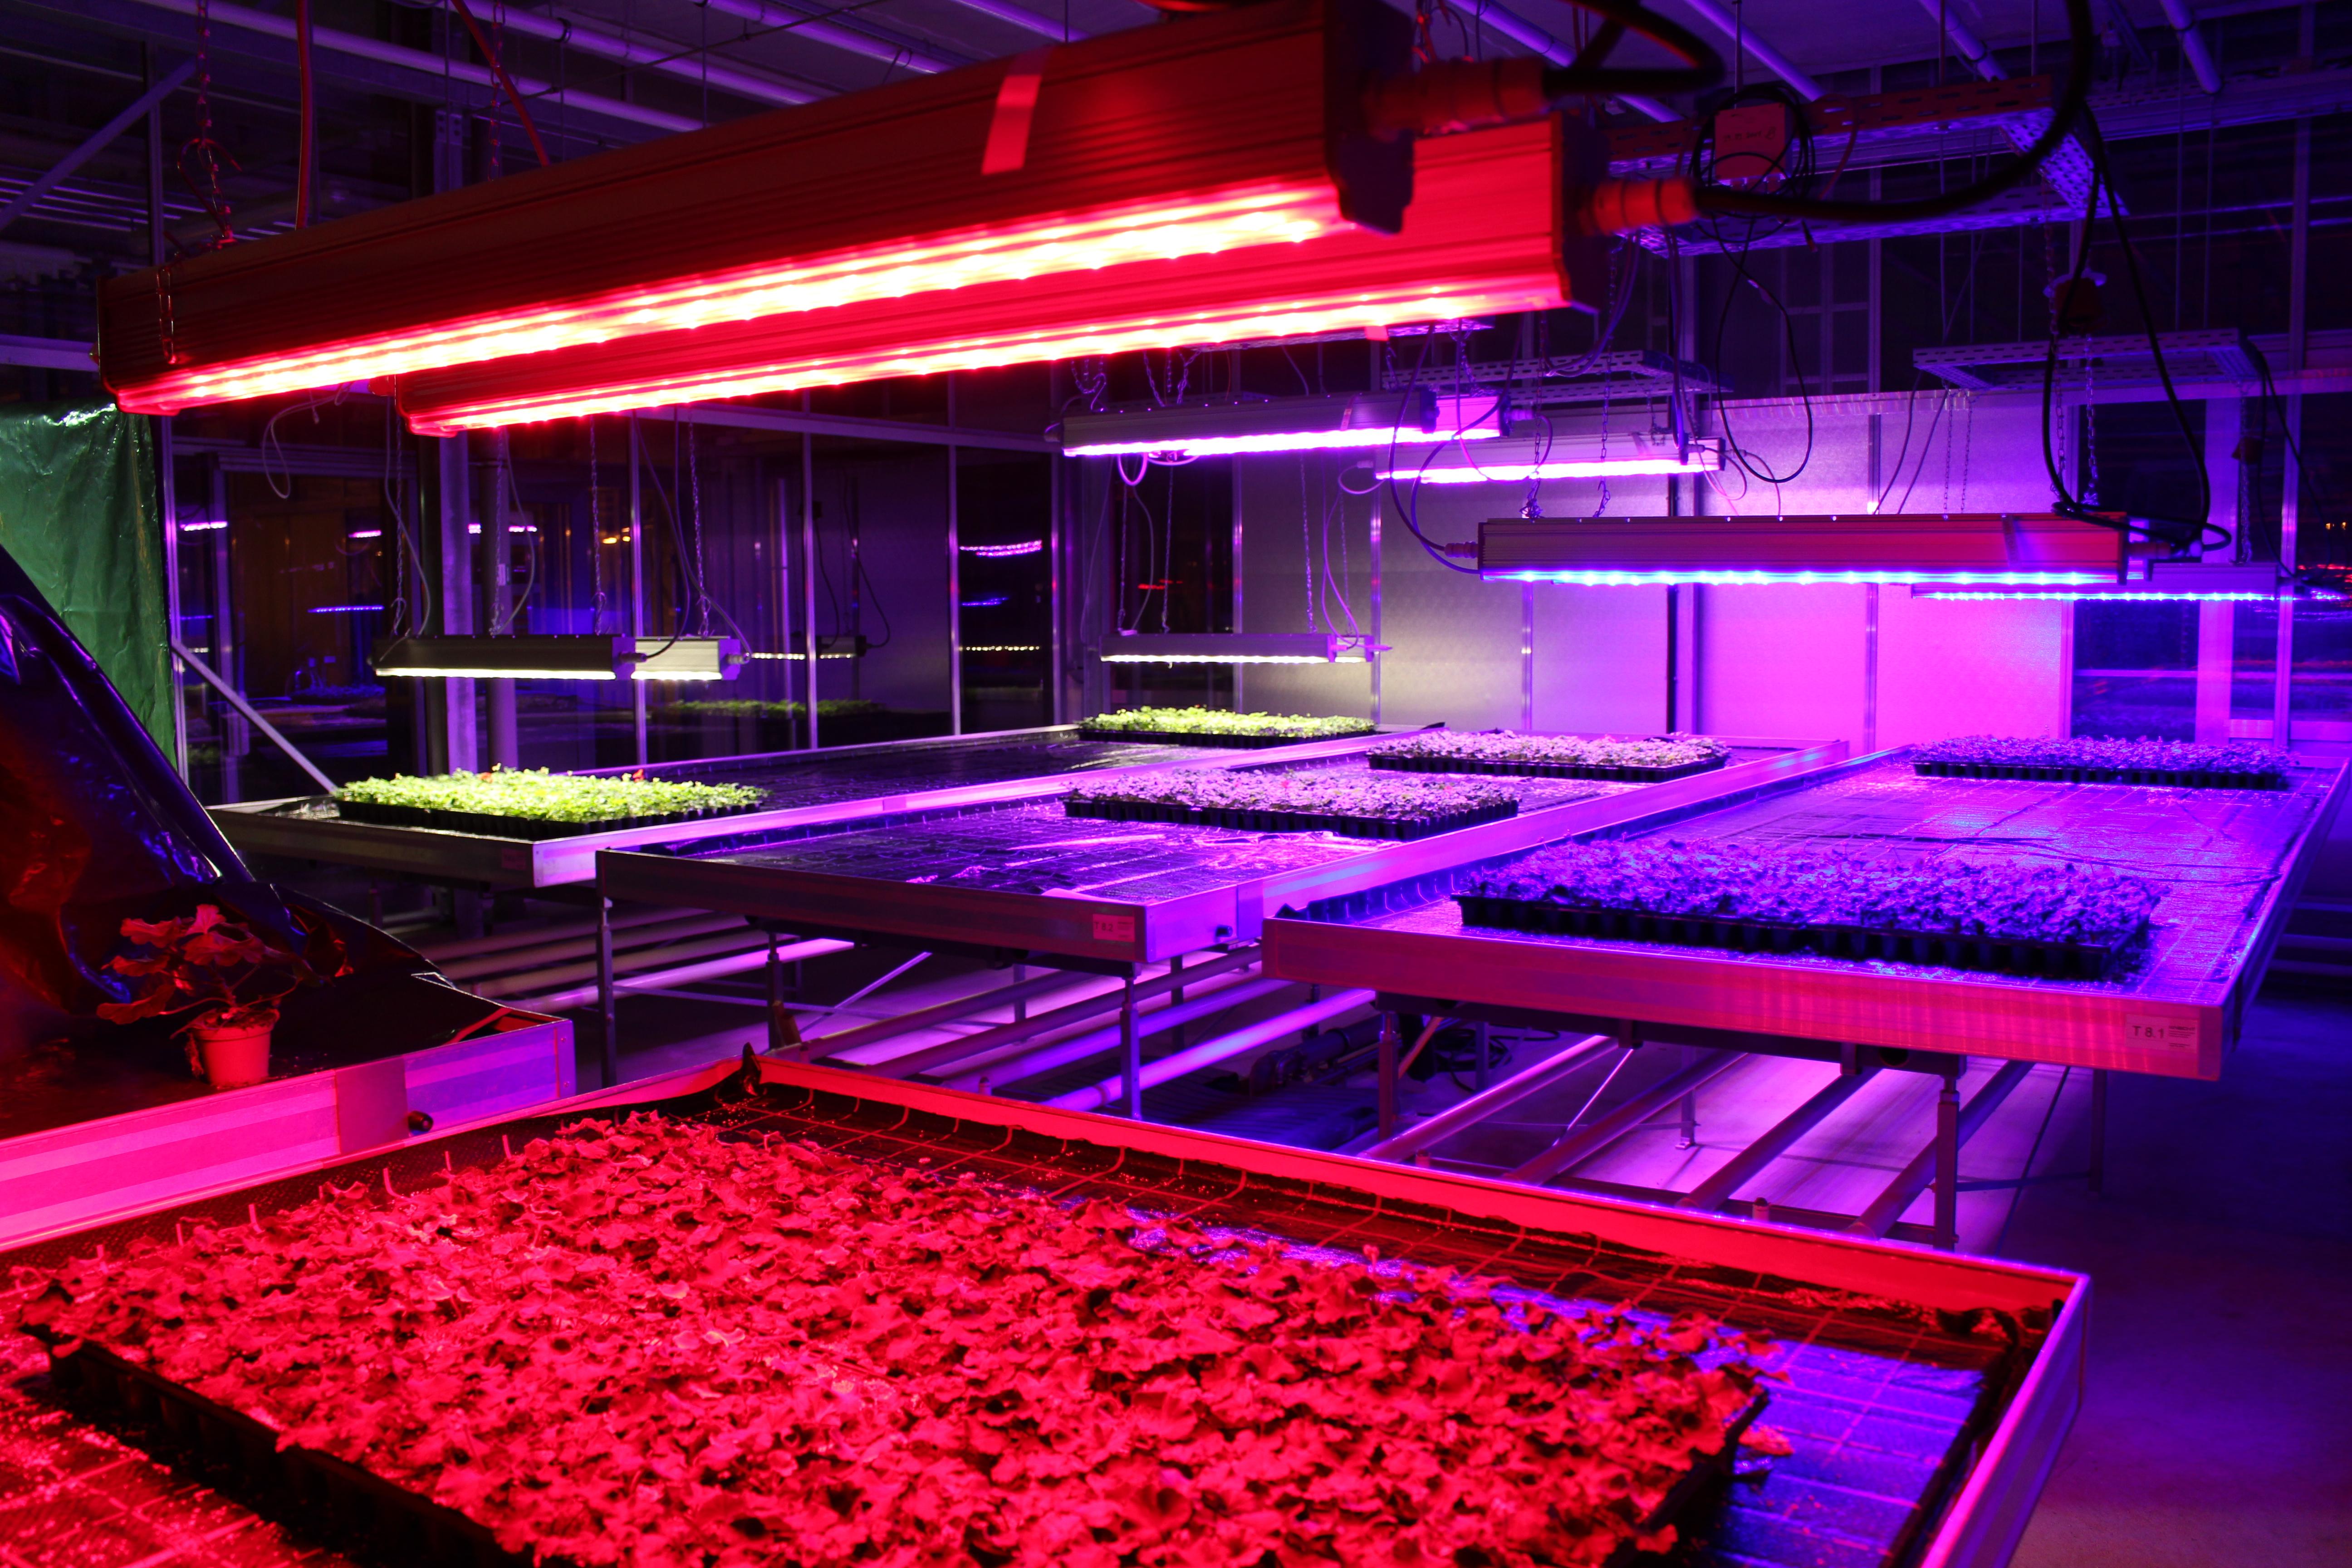 led forschungsprojekt licht einfluss aufs pflanzenwachstum die farbe macht s. Black Bedroom Furniture Sets. Home Design Ideas